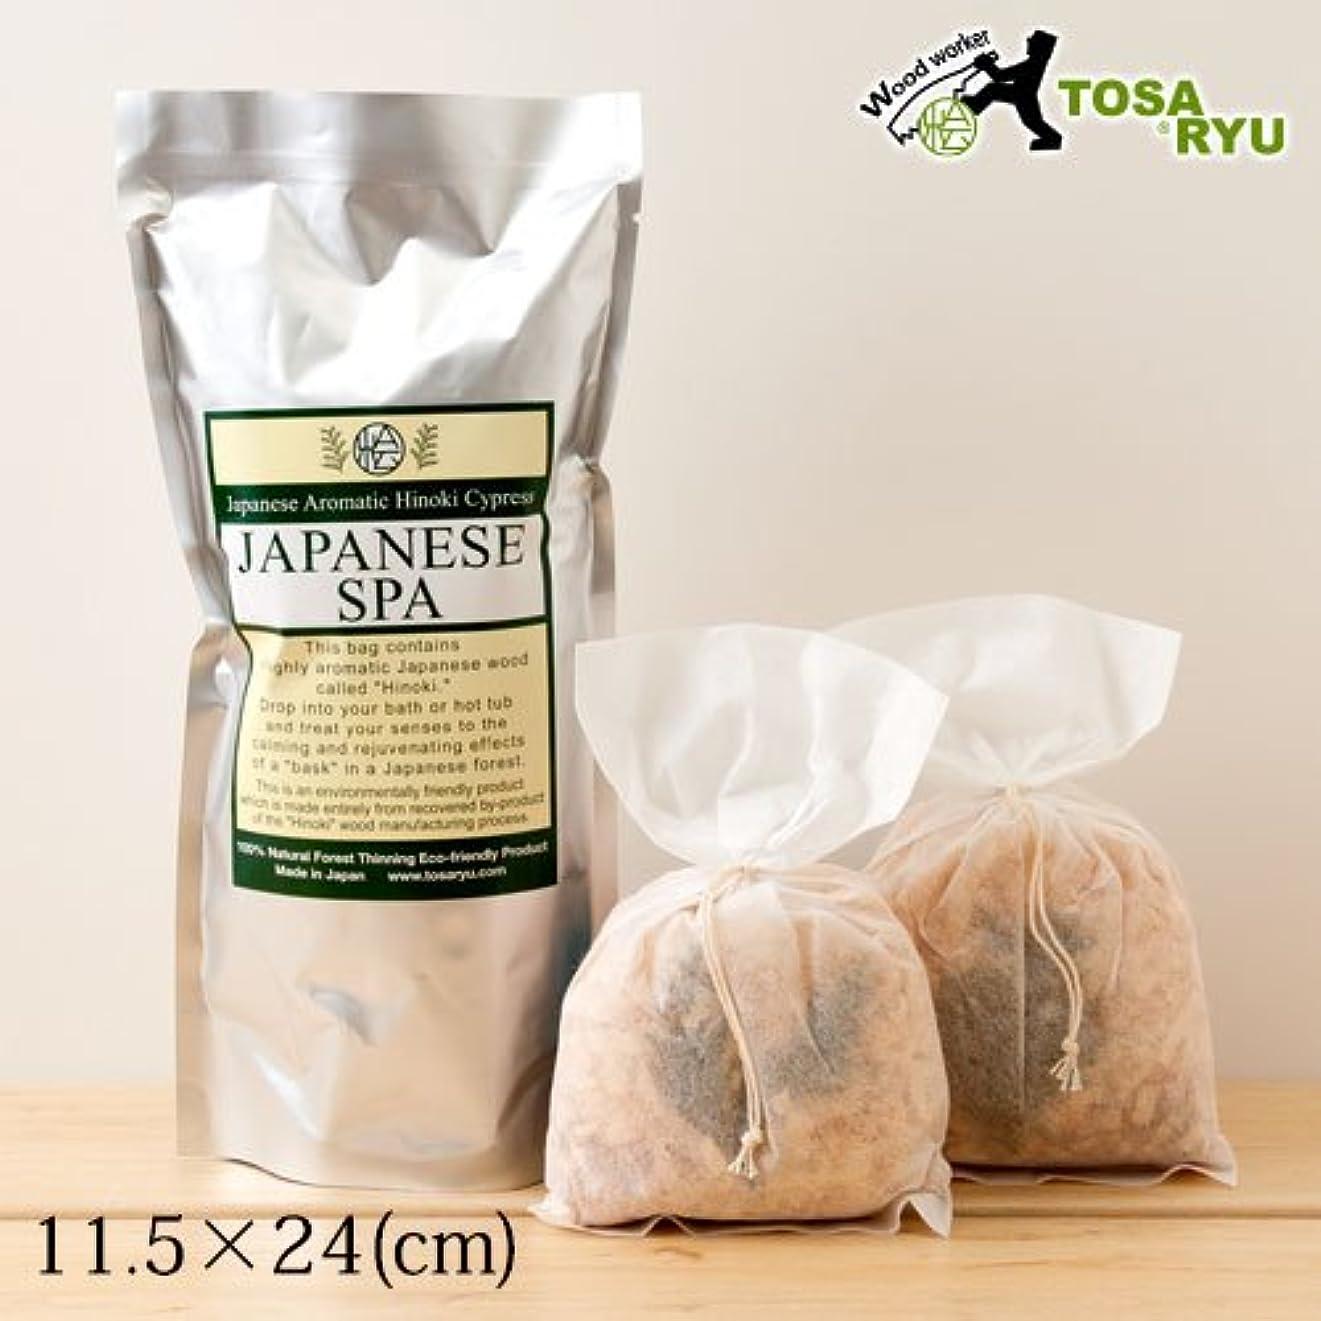 だます外交切り下げTosaryu, JAPANESE SPA, Bath additive of cypress, Kochi craft